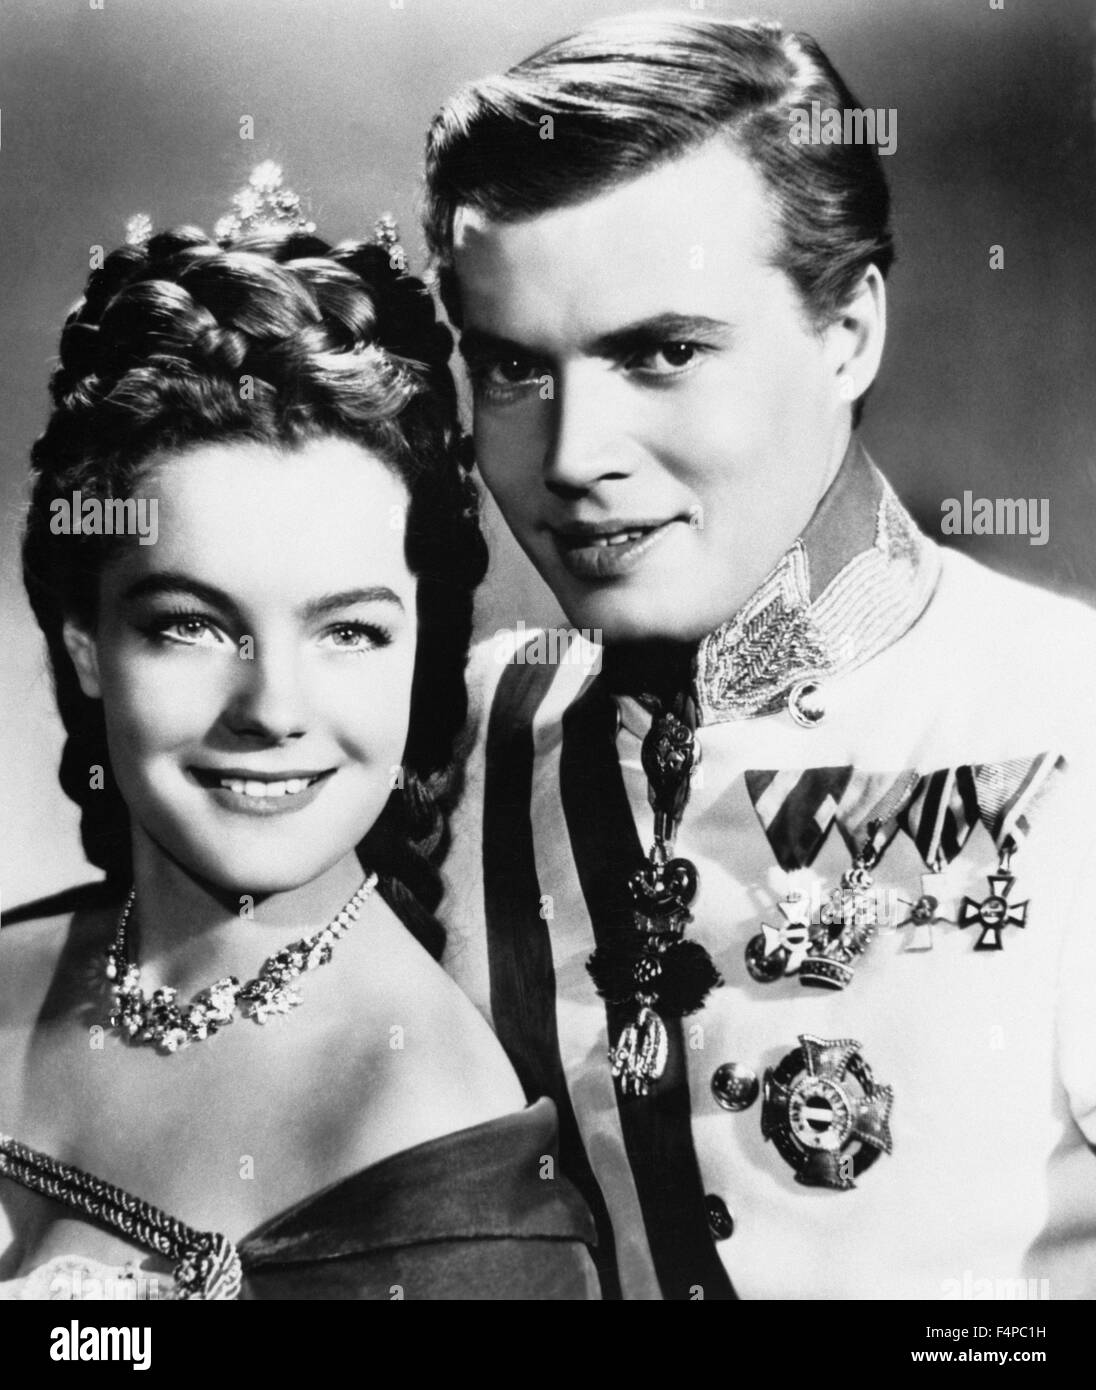 Romy Schneider, Karl-Heinz Böhm / Sissi 1955 directed by Ernst Marischka - Stock Image